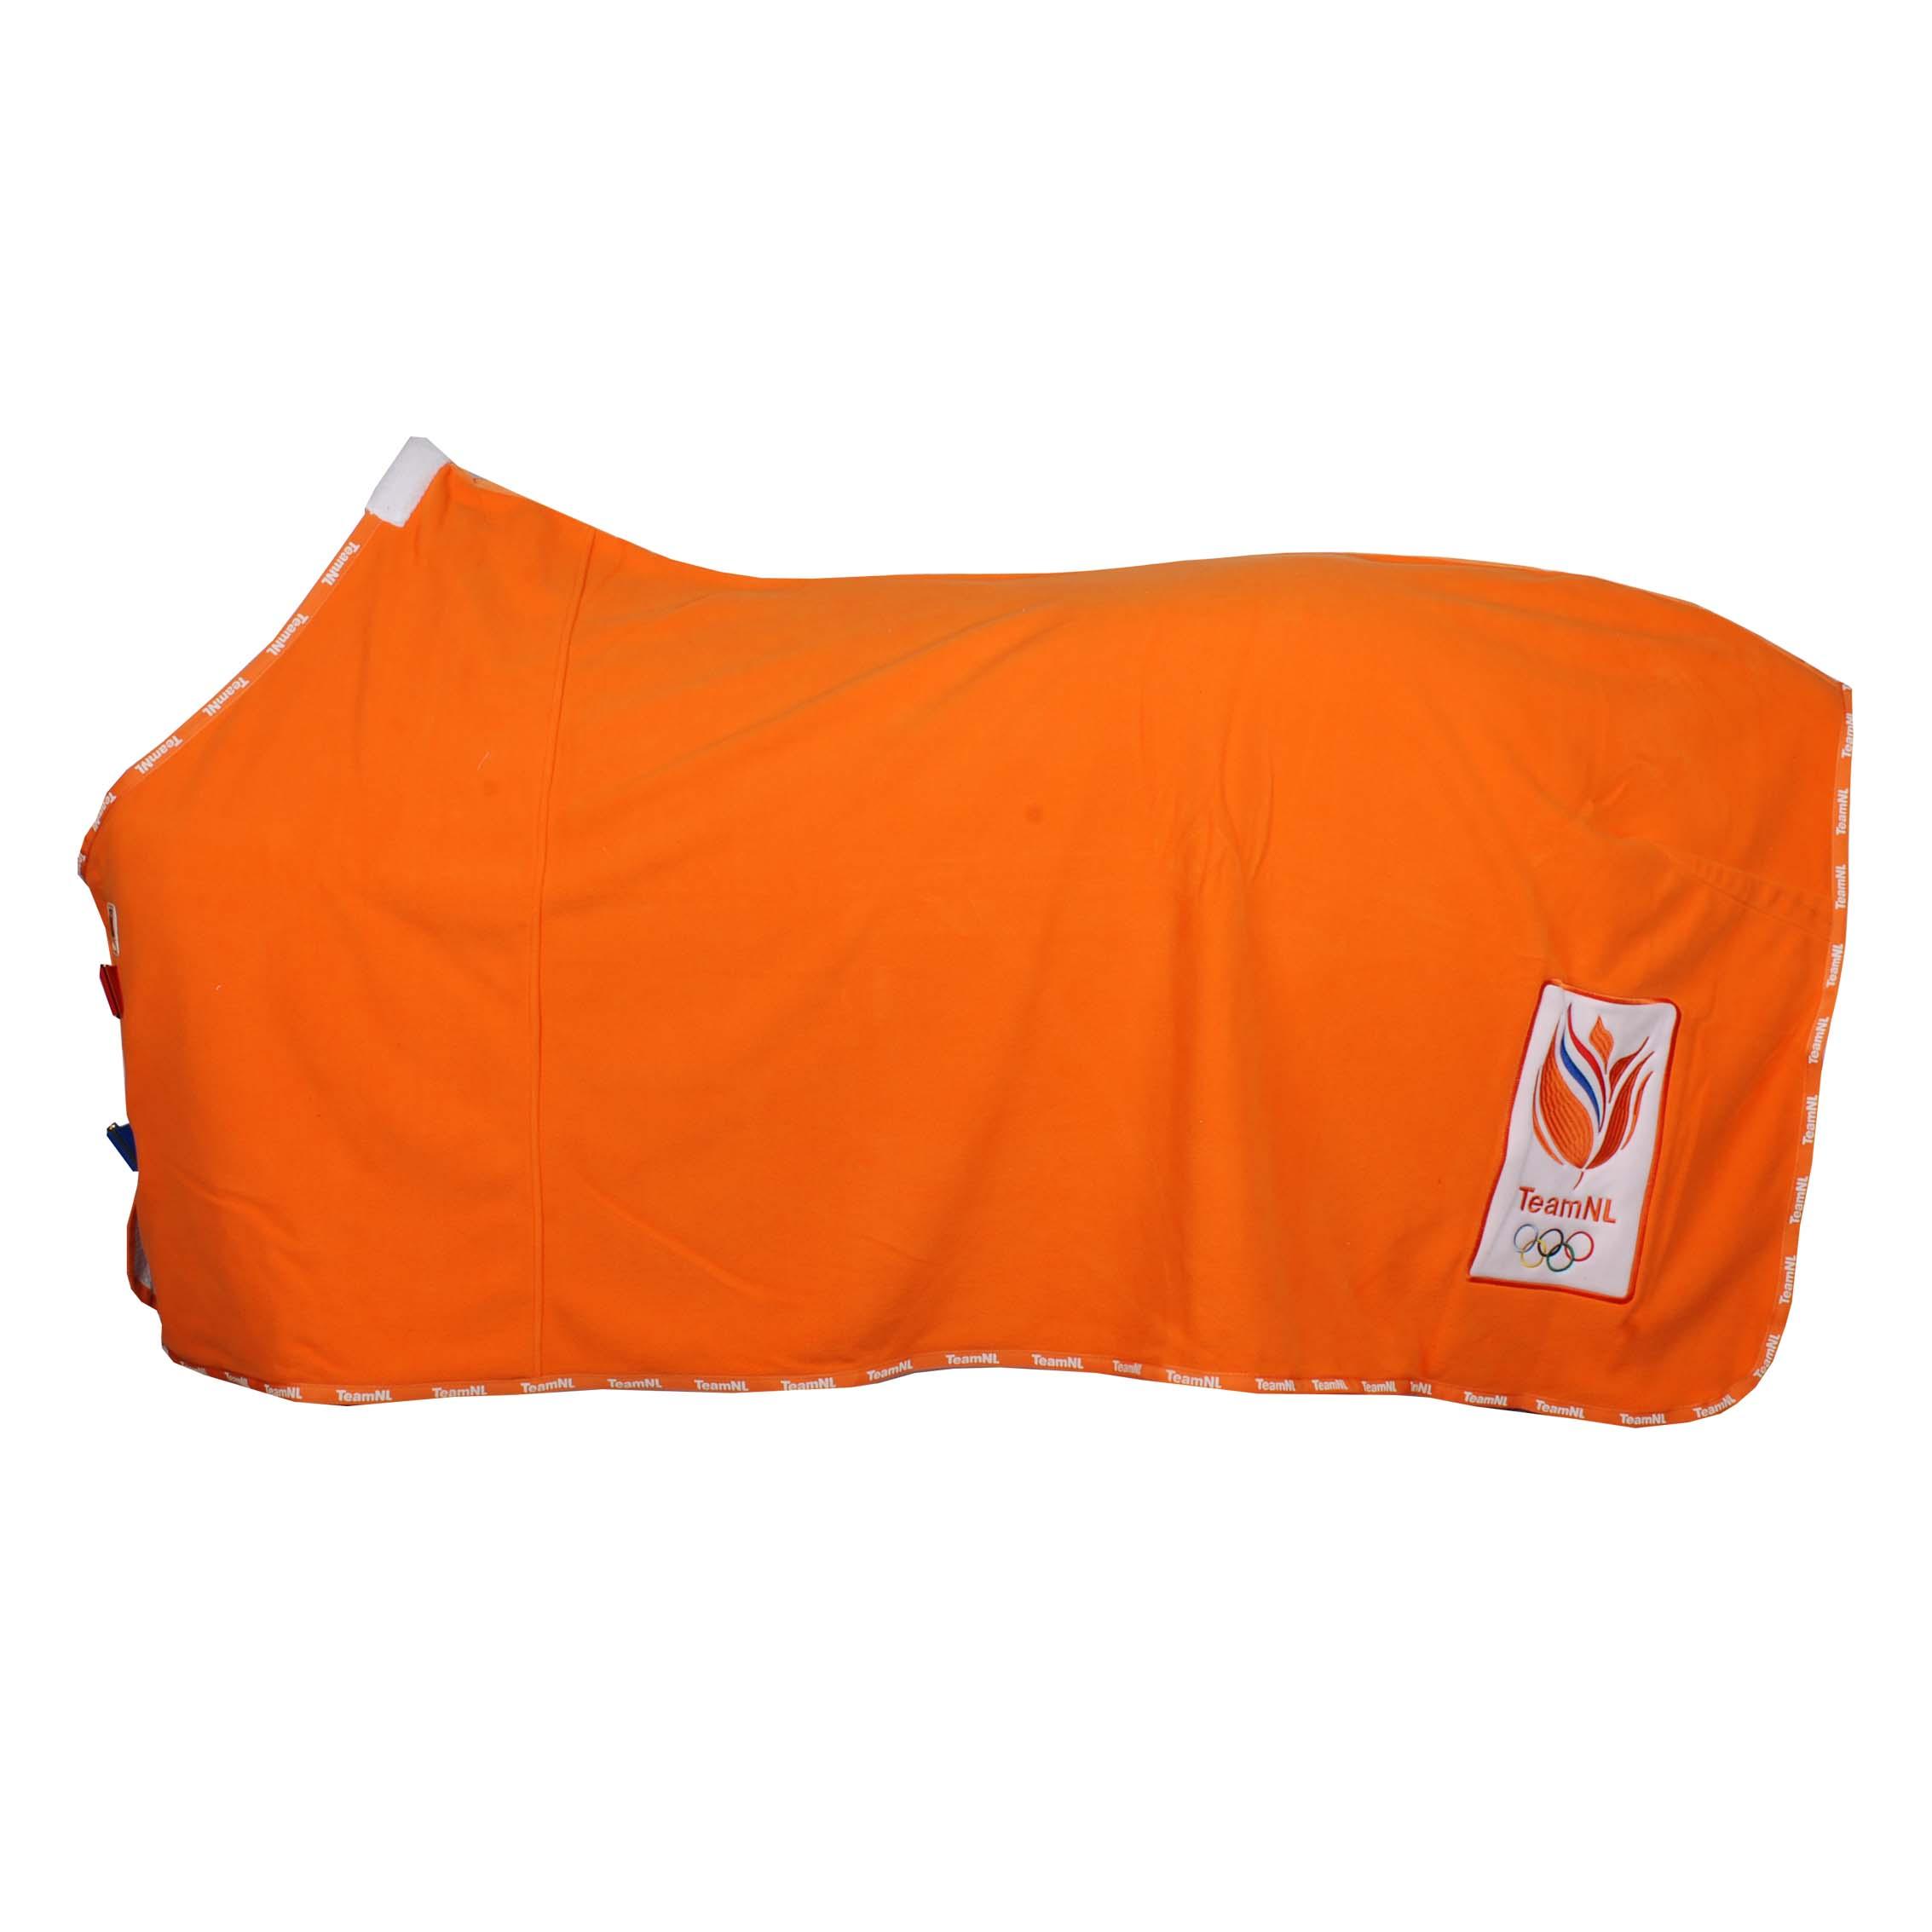 KNHS Olympic Fleecedeken ##1 oranje maat:205